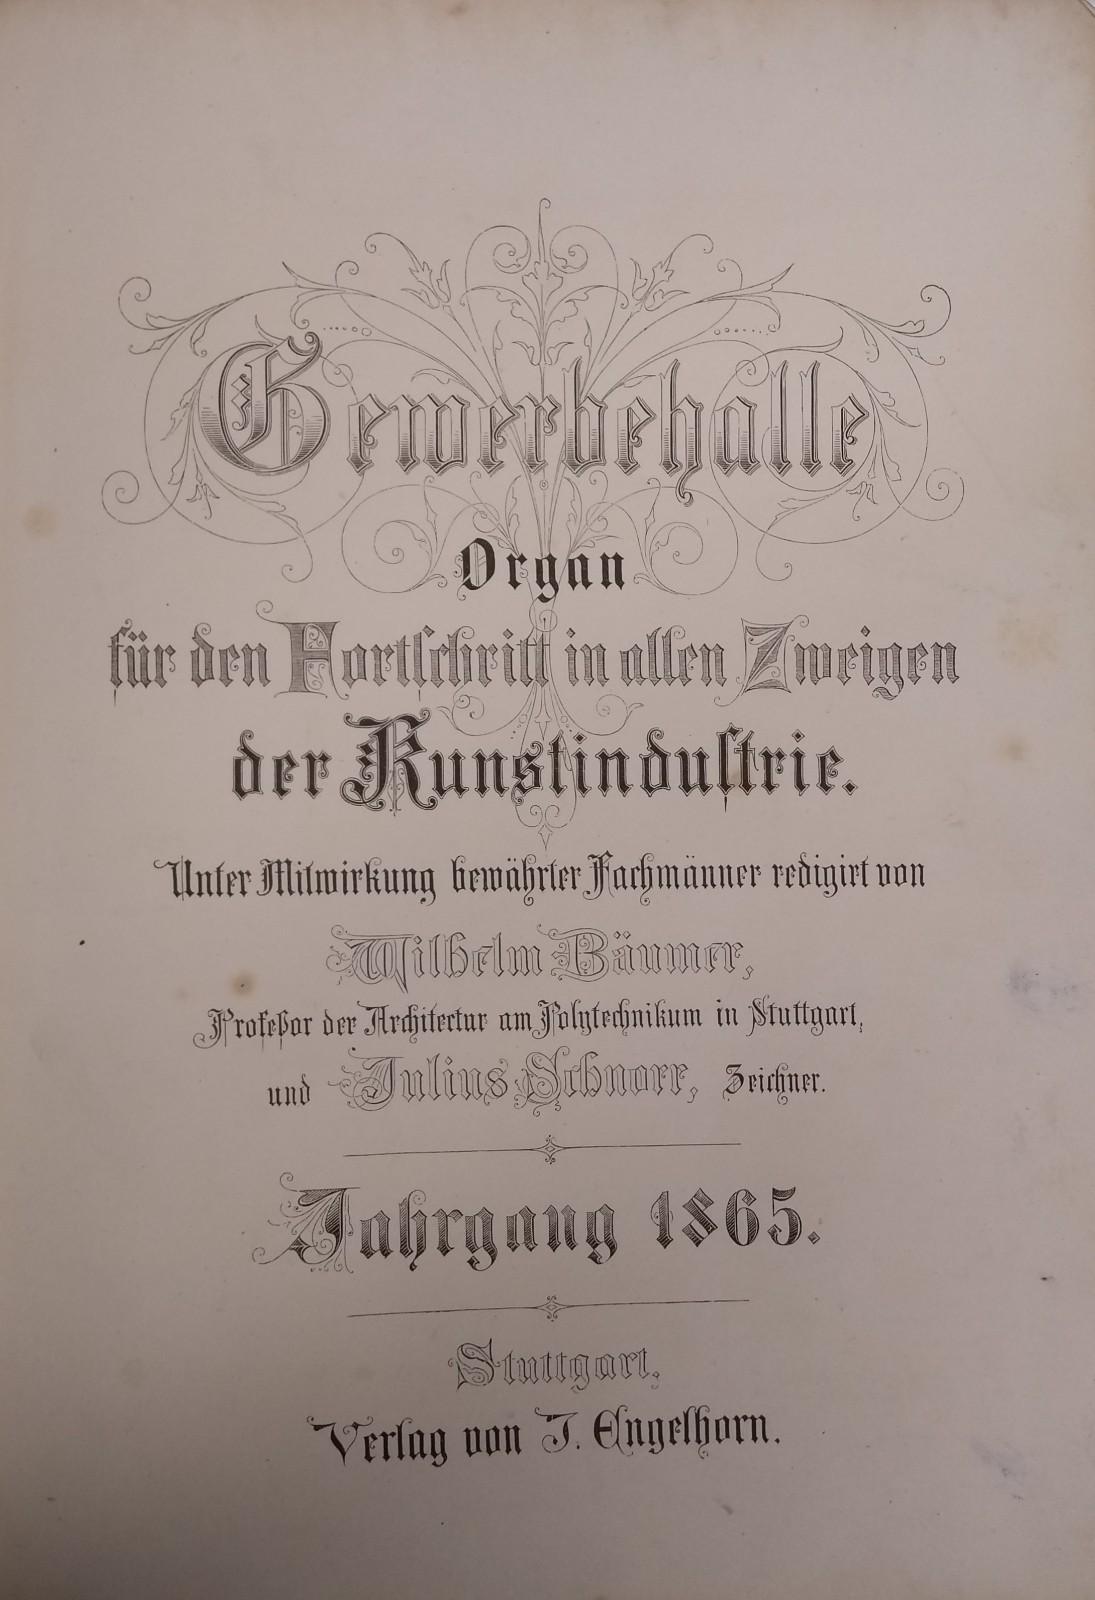 Wilhelm Bäumer, Julius Schnorr Gewerbehalle: Organ für den Furtschritt in allen Zeigen der Kunstindustrie, jahrgang 1865